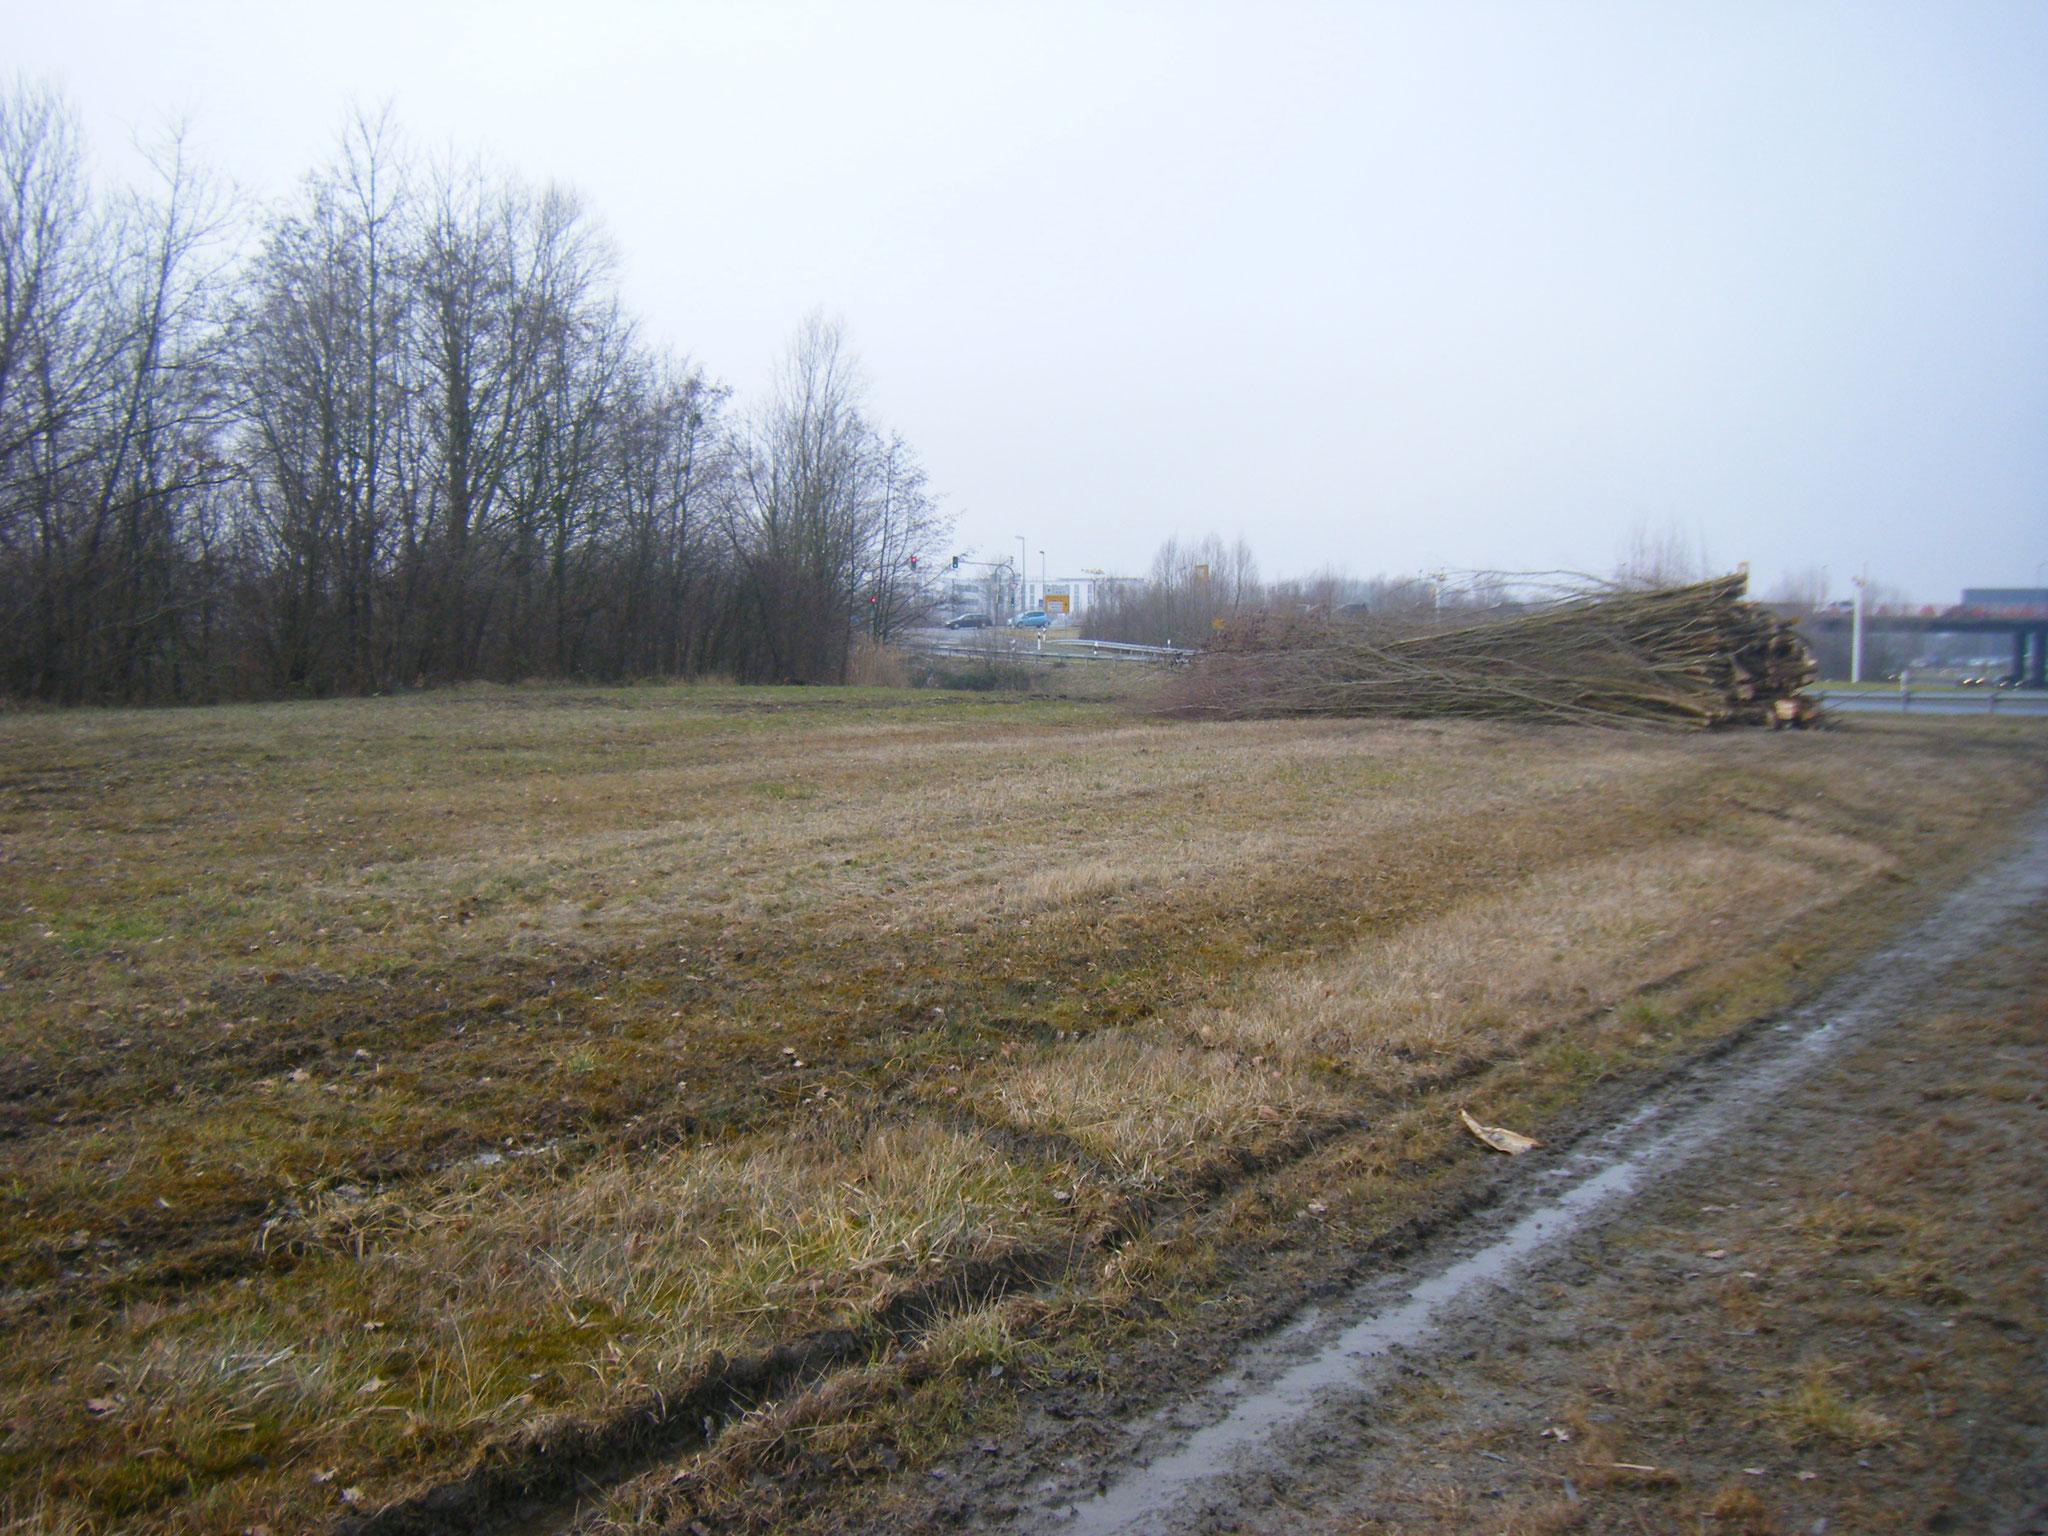 die gefällten Bäume wurden nicht am Ort liegen gelassen, sondern auf die Hornkleewiese hoch geräumt, wo sie für den Biber nicht erreichbar sind.